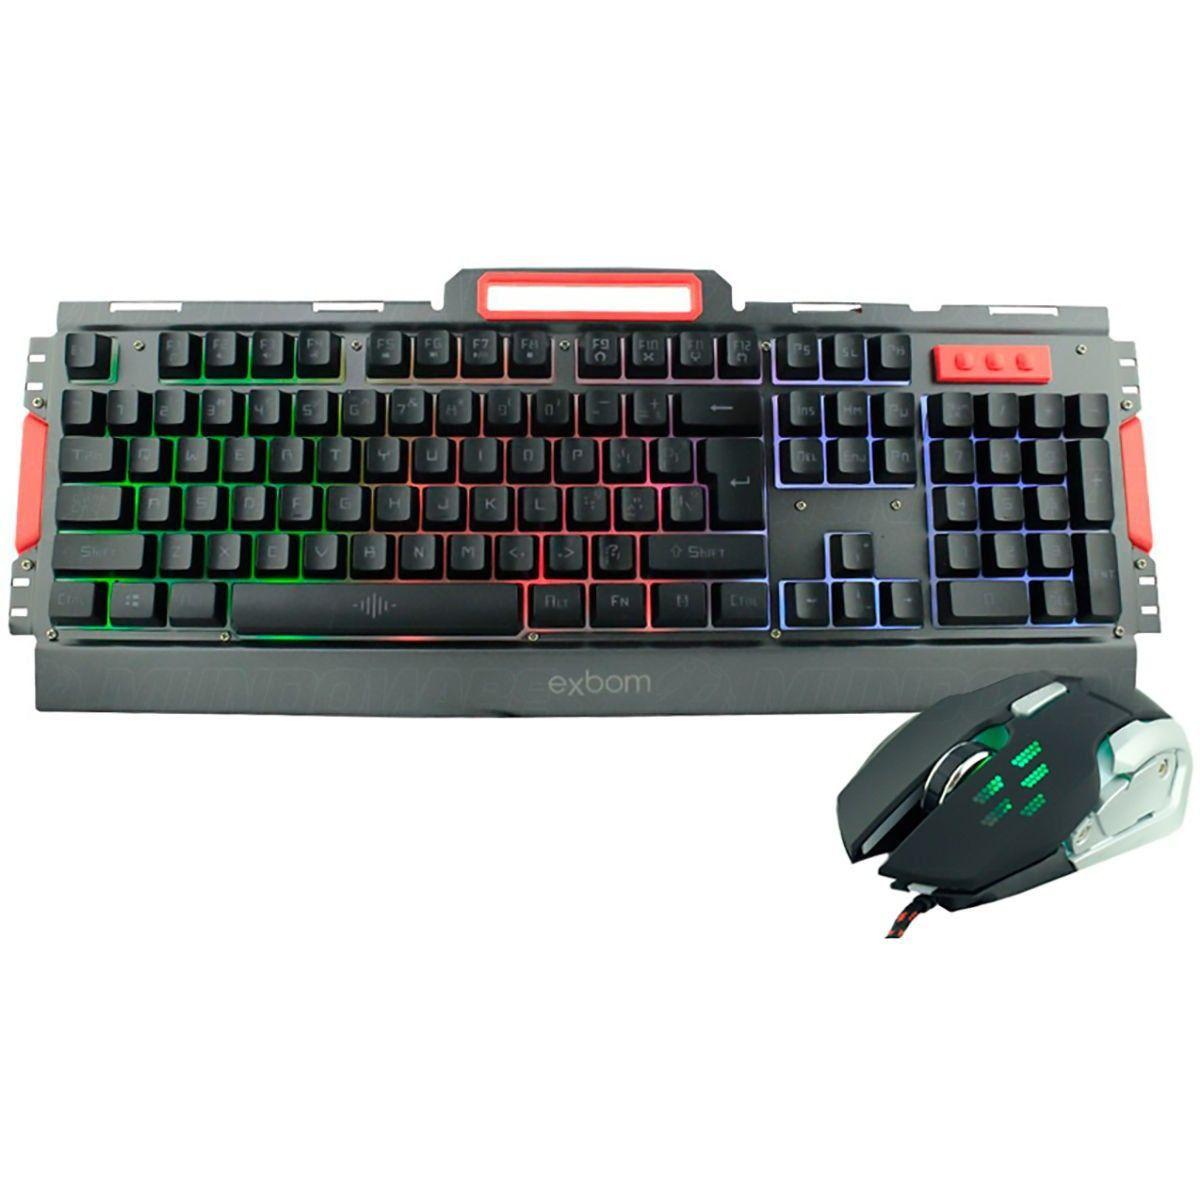 Kit Gamer Teclado e Mouse Semimecânico com Iluminação Led e Acabamento em Metal Exbom BK-G3000